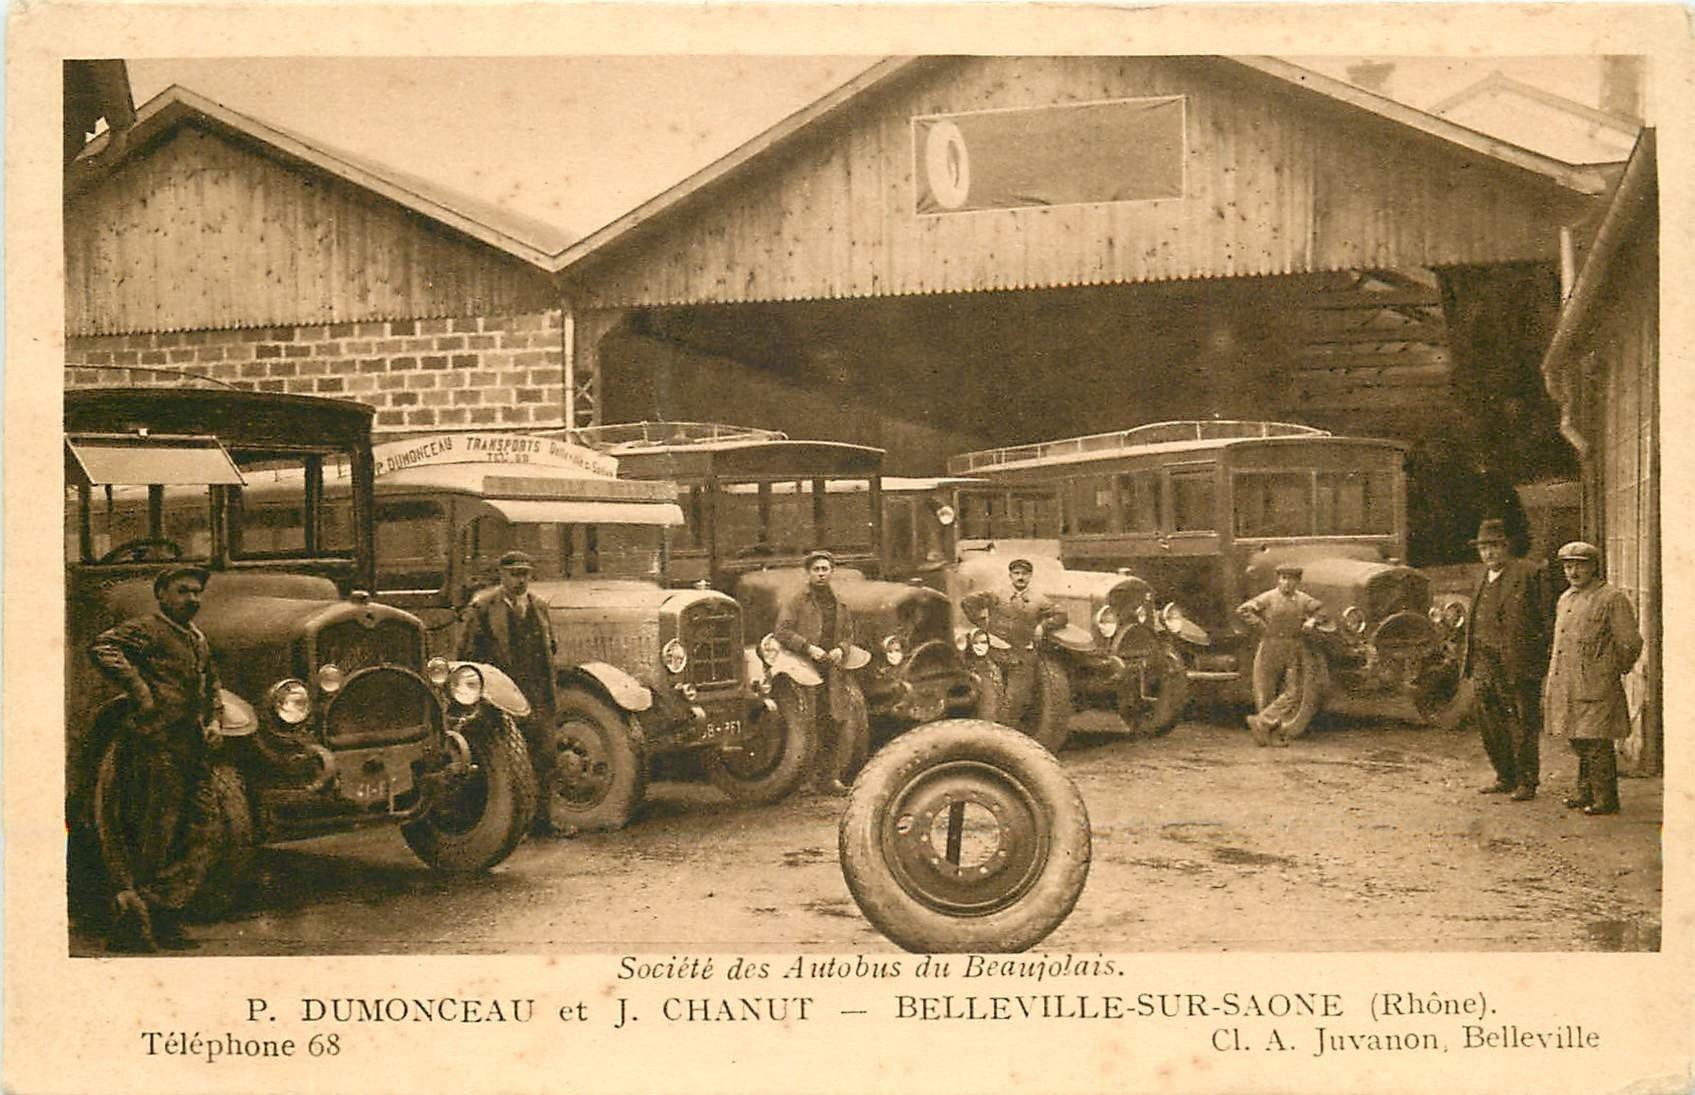 69 BELLEVILLE-SUR-SAONE. Société des Autobus du Beaujolais par Dumonceau et Chanut